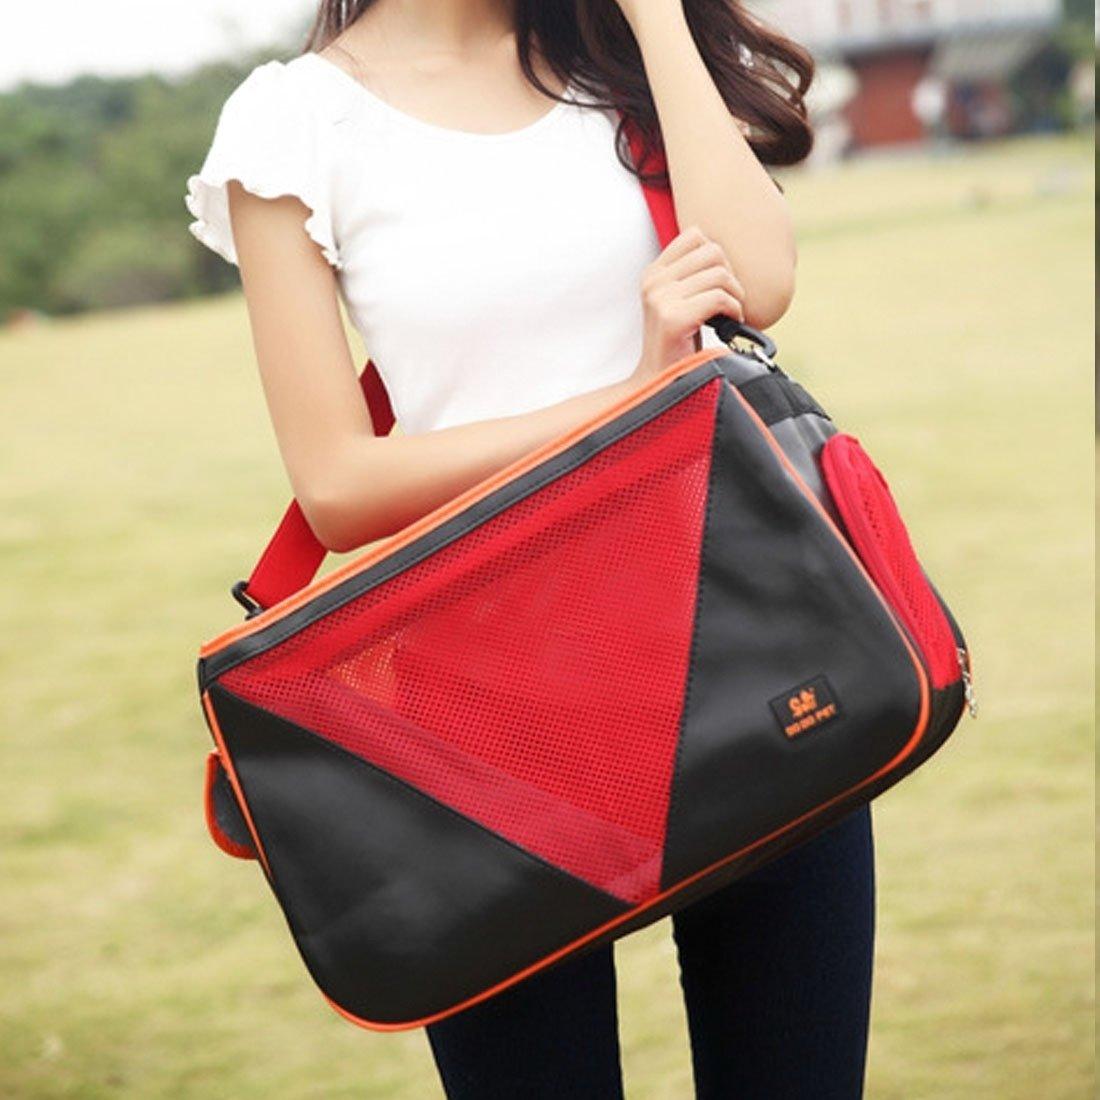 SRY- Prodotti per animali per il gatto   cane e altri animali domestici grandi, DODOPET MG-866 borsa portatile borsa tracolla, dimensione  50  30  19cm Carino e pratico ( Colore   rosso )